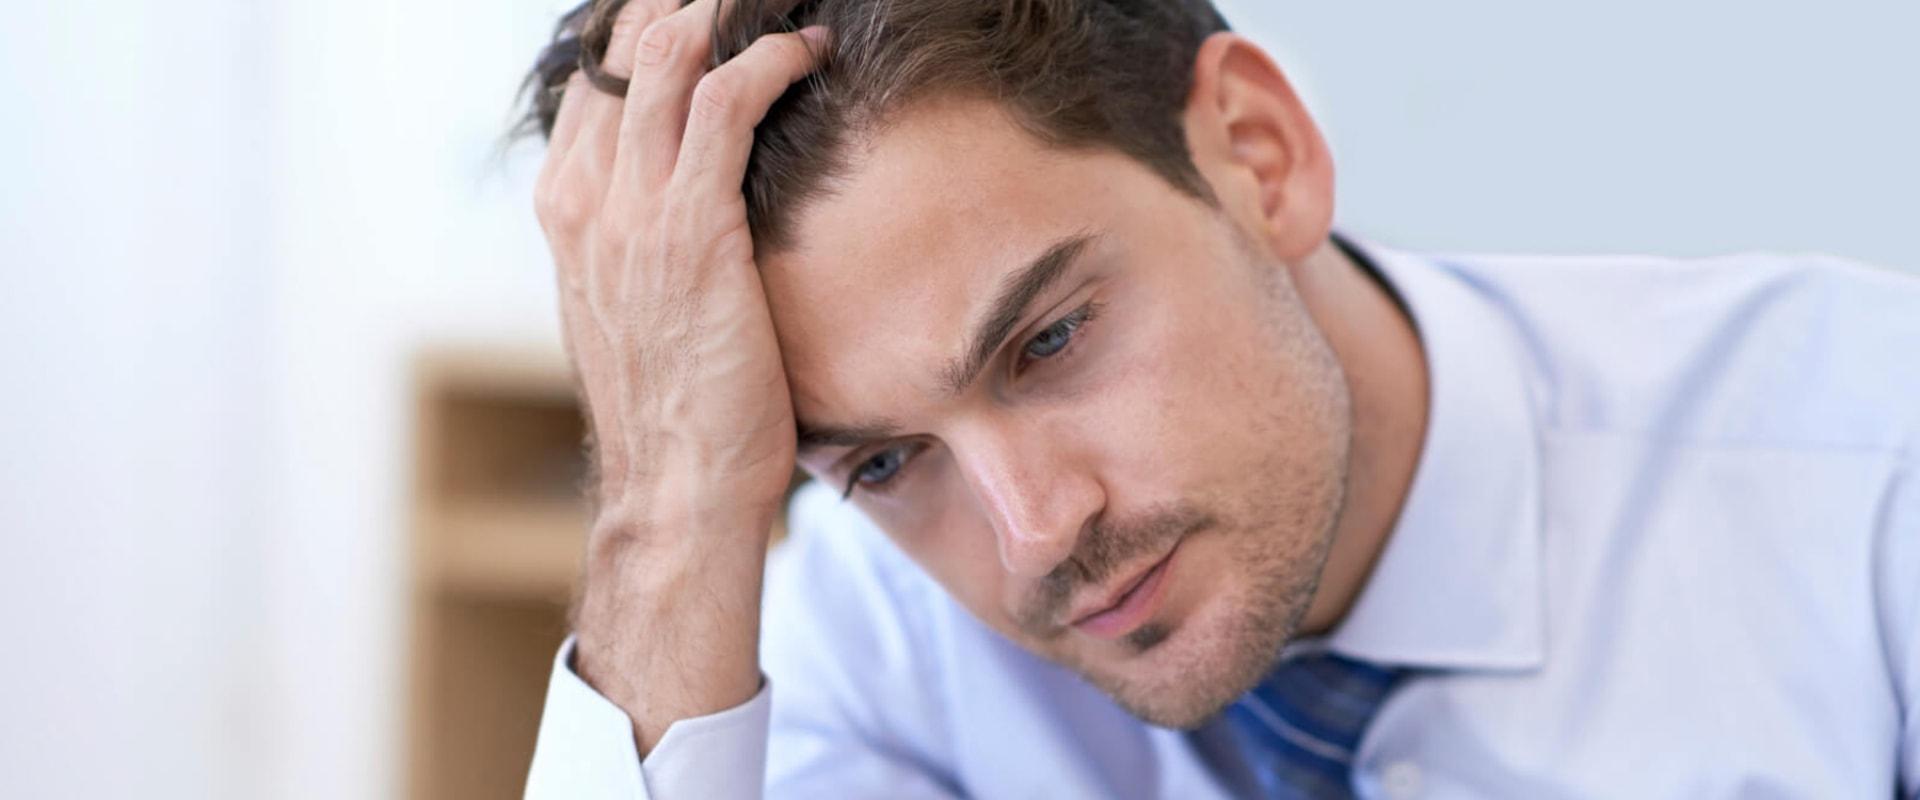 Academy Bireysel Eğitimler | Stres Yönetimi ve Öfke Kontrolü Eğitimi